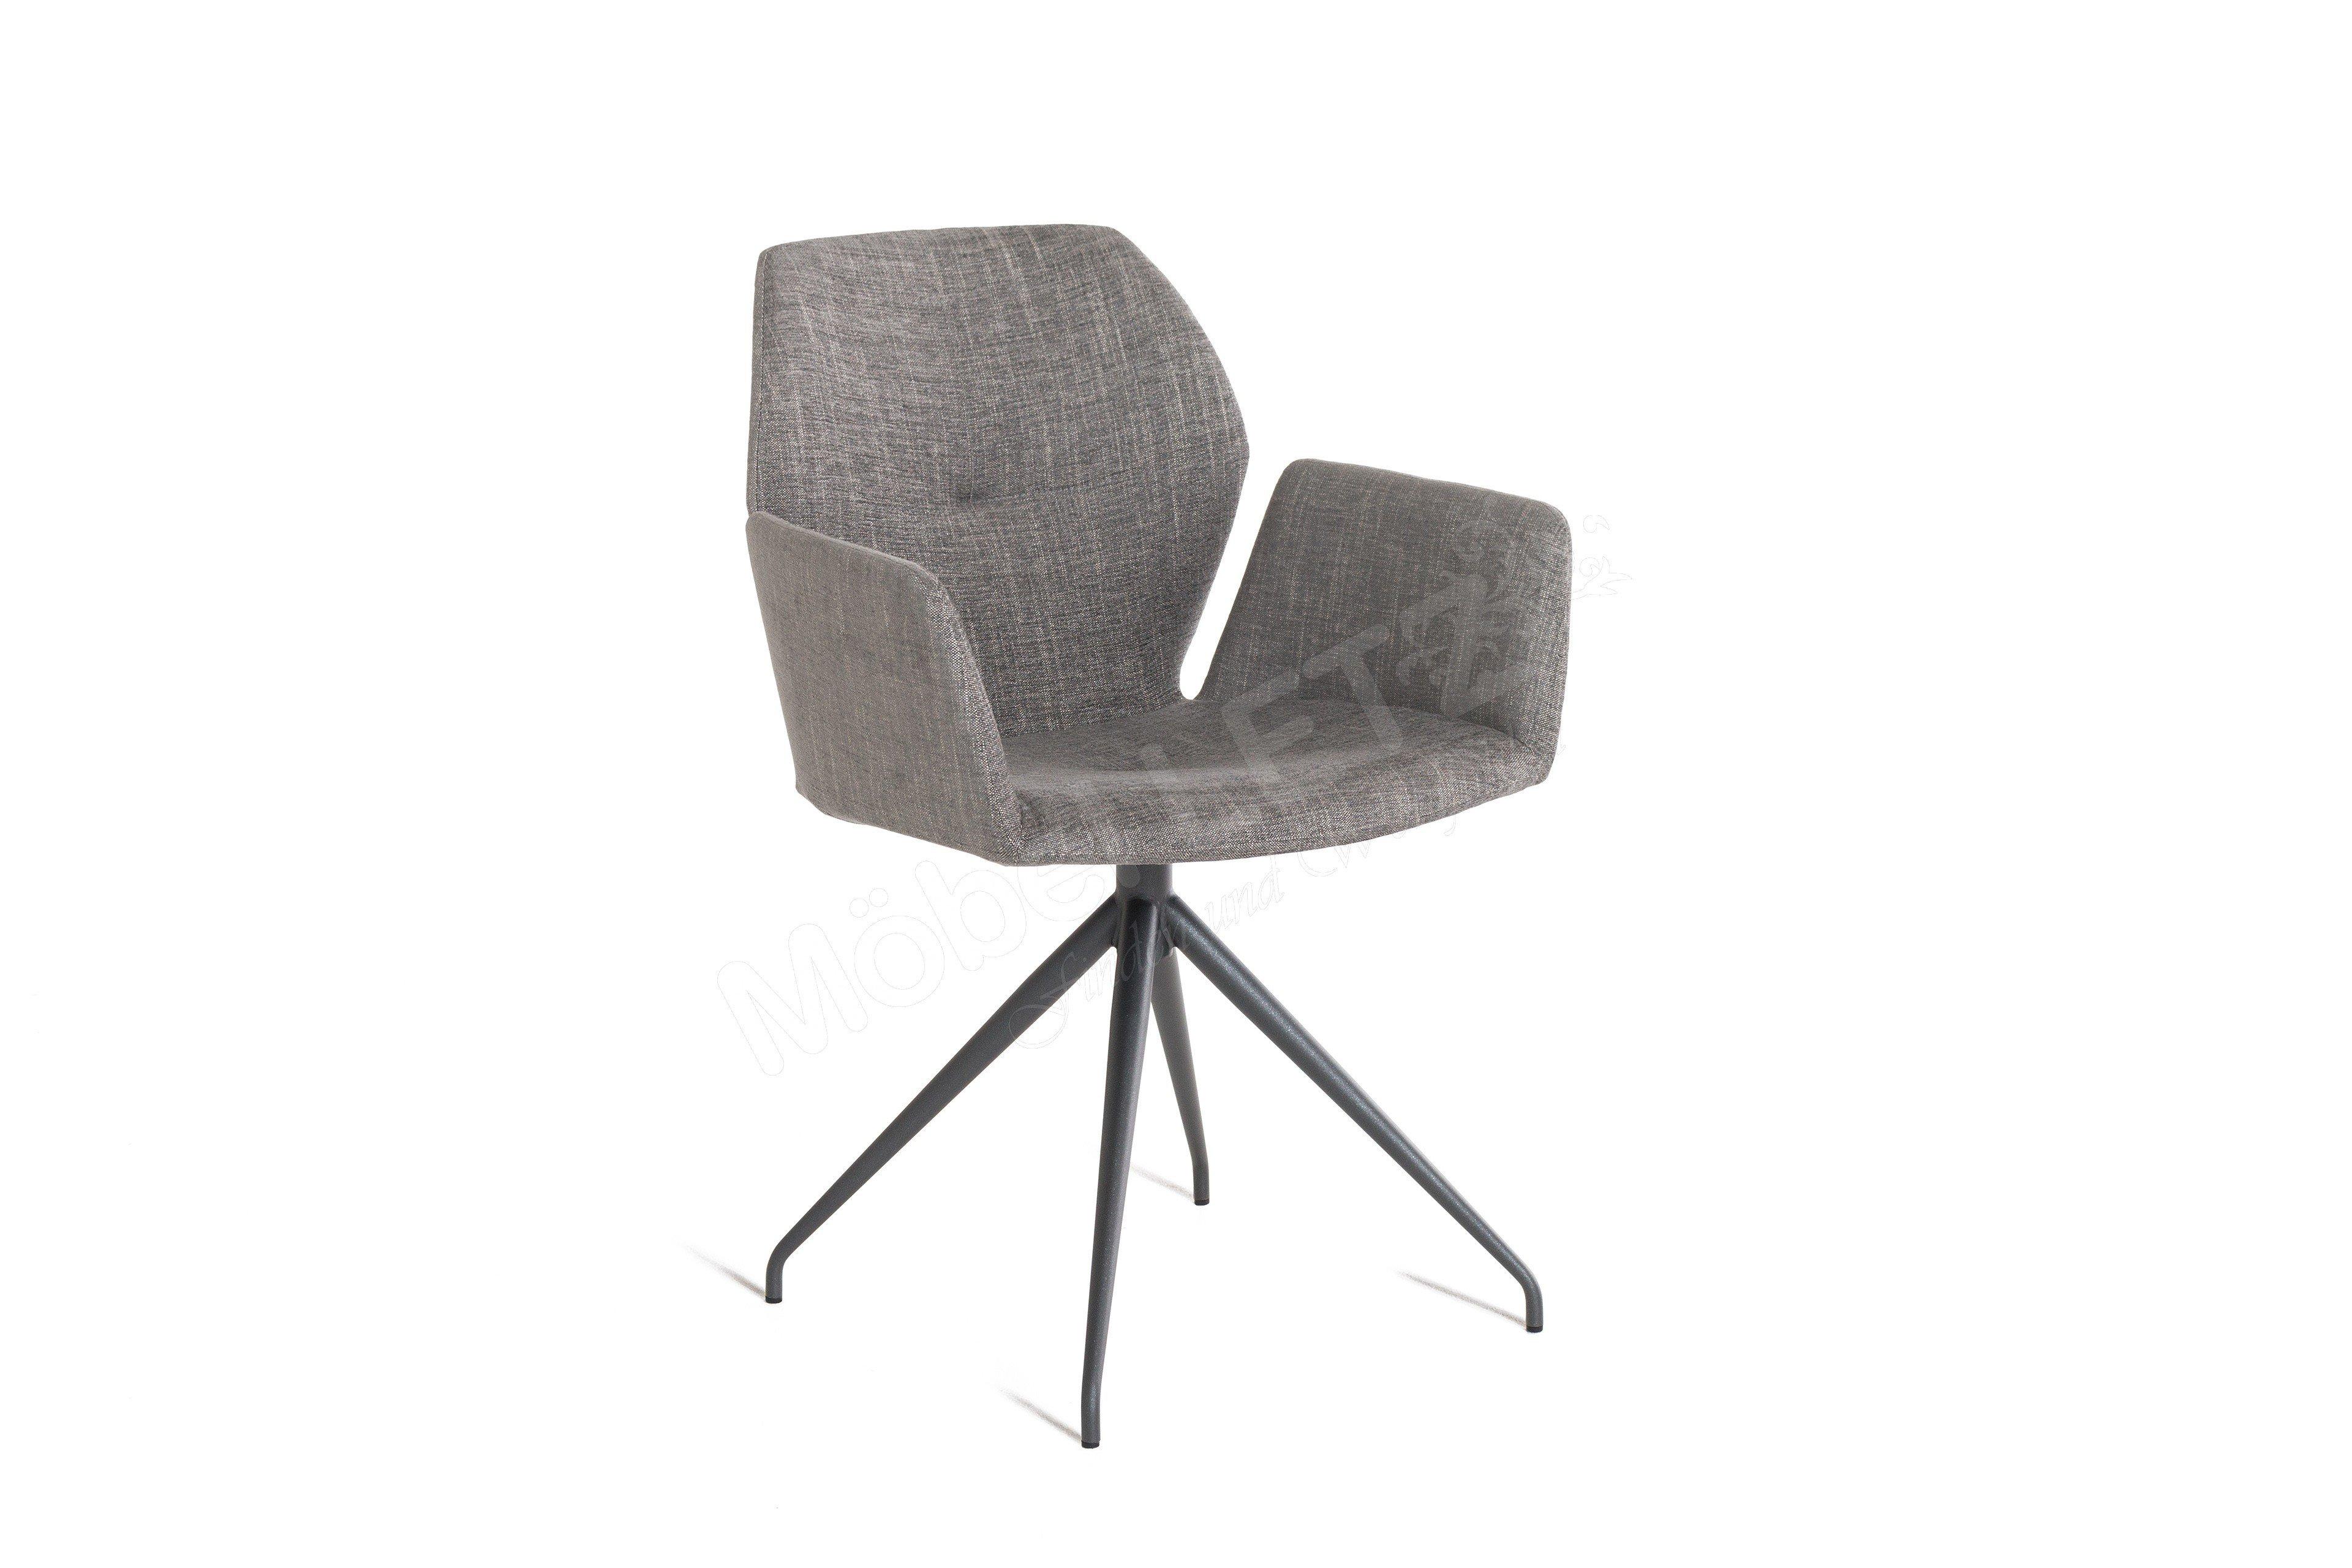 mobitec stuhl mood 95 uni grey m bel letz ihr online shop. Black Bedroom Furniture Sets. Home Design Ideas